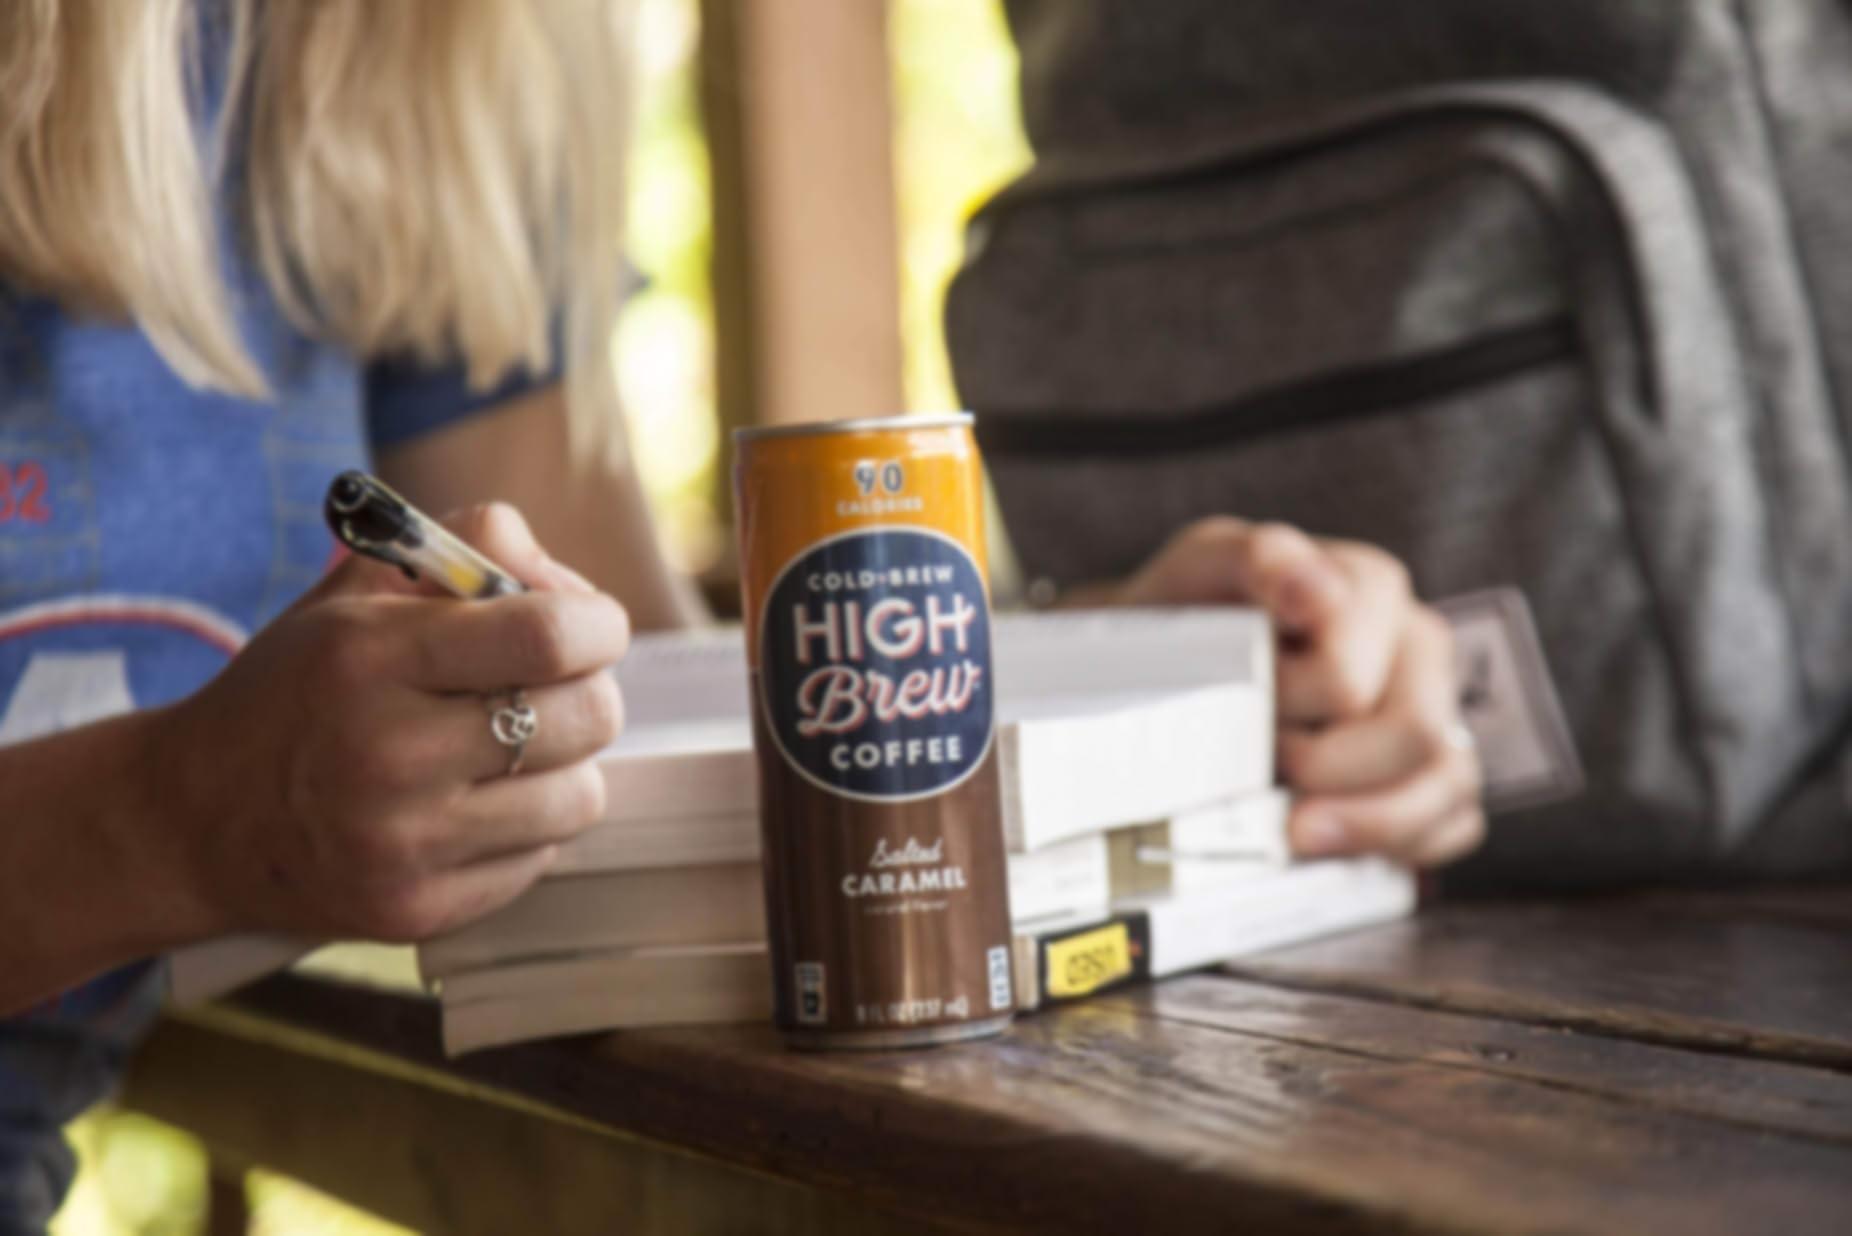 Studente che studia con una lattina di High Brew Coffee vicino ai libri.